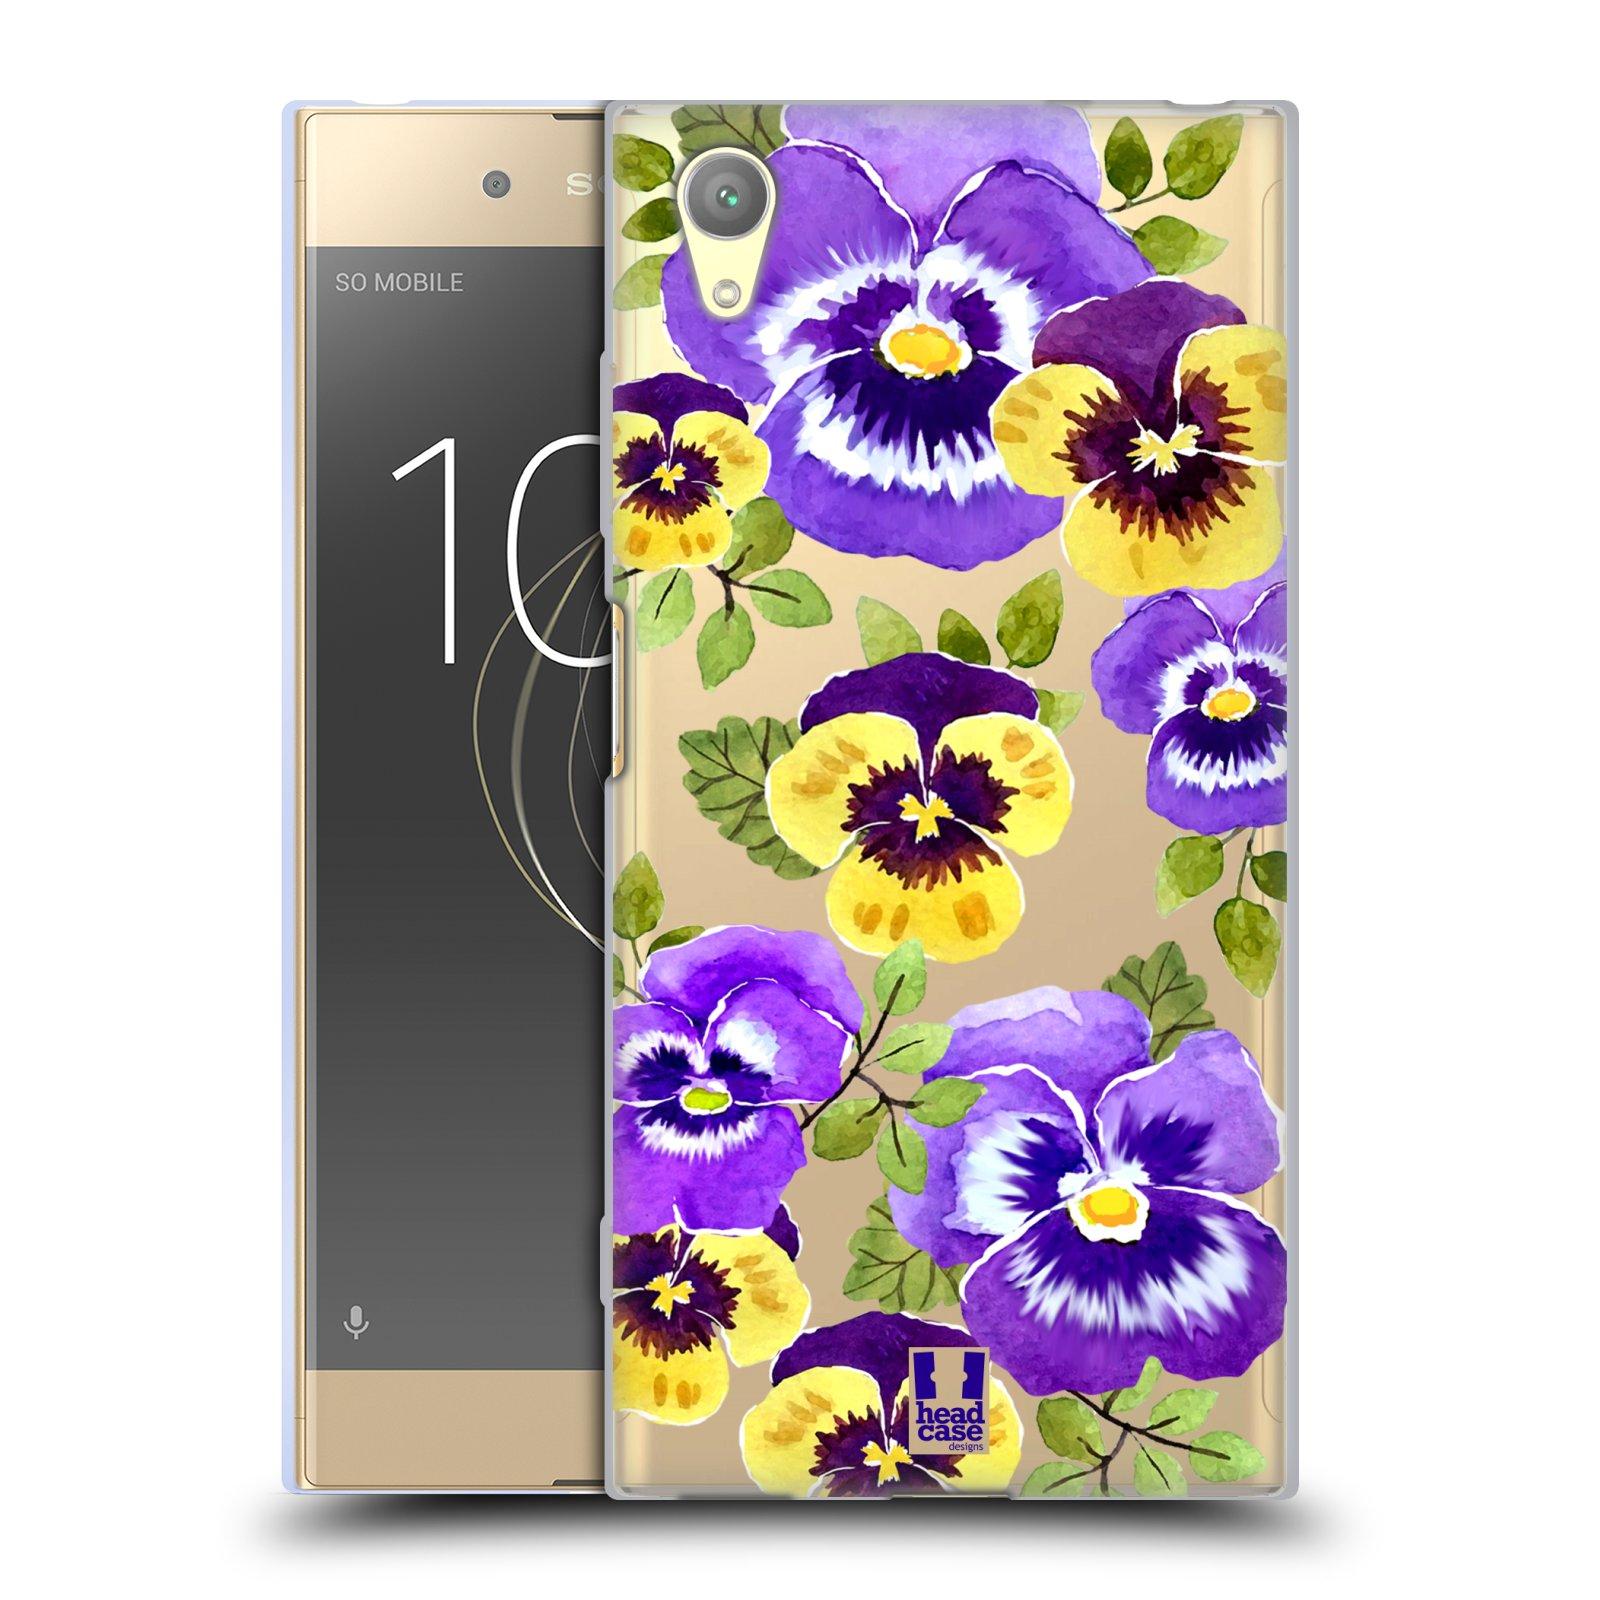 HEAD CASE silikonový obal na mobil Sony Xperia XA1 PLUS Maceška fialová barva